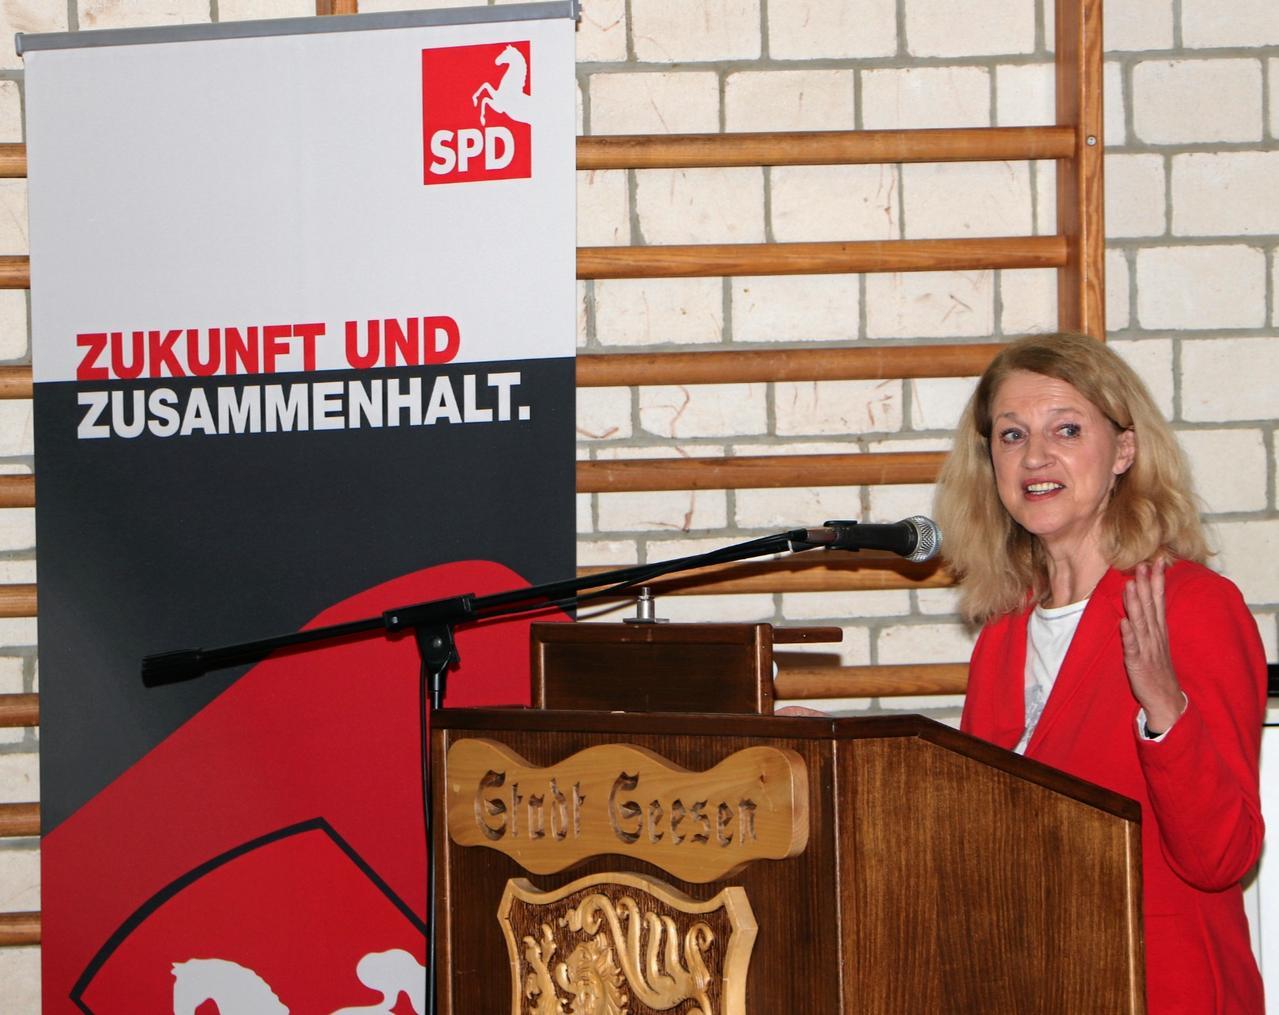 Emmerich-Kopatsch bleibt Vorsitzende